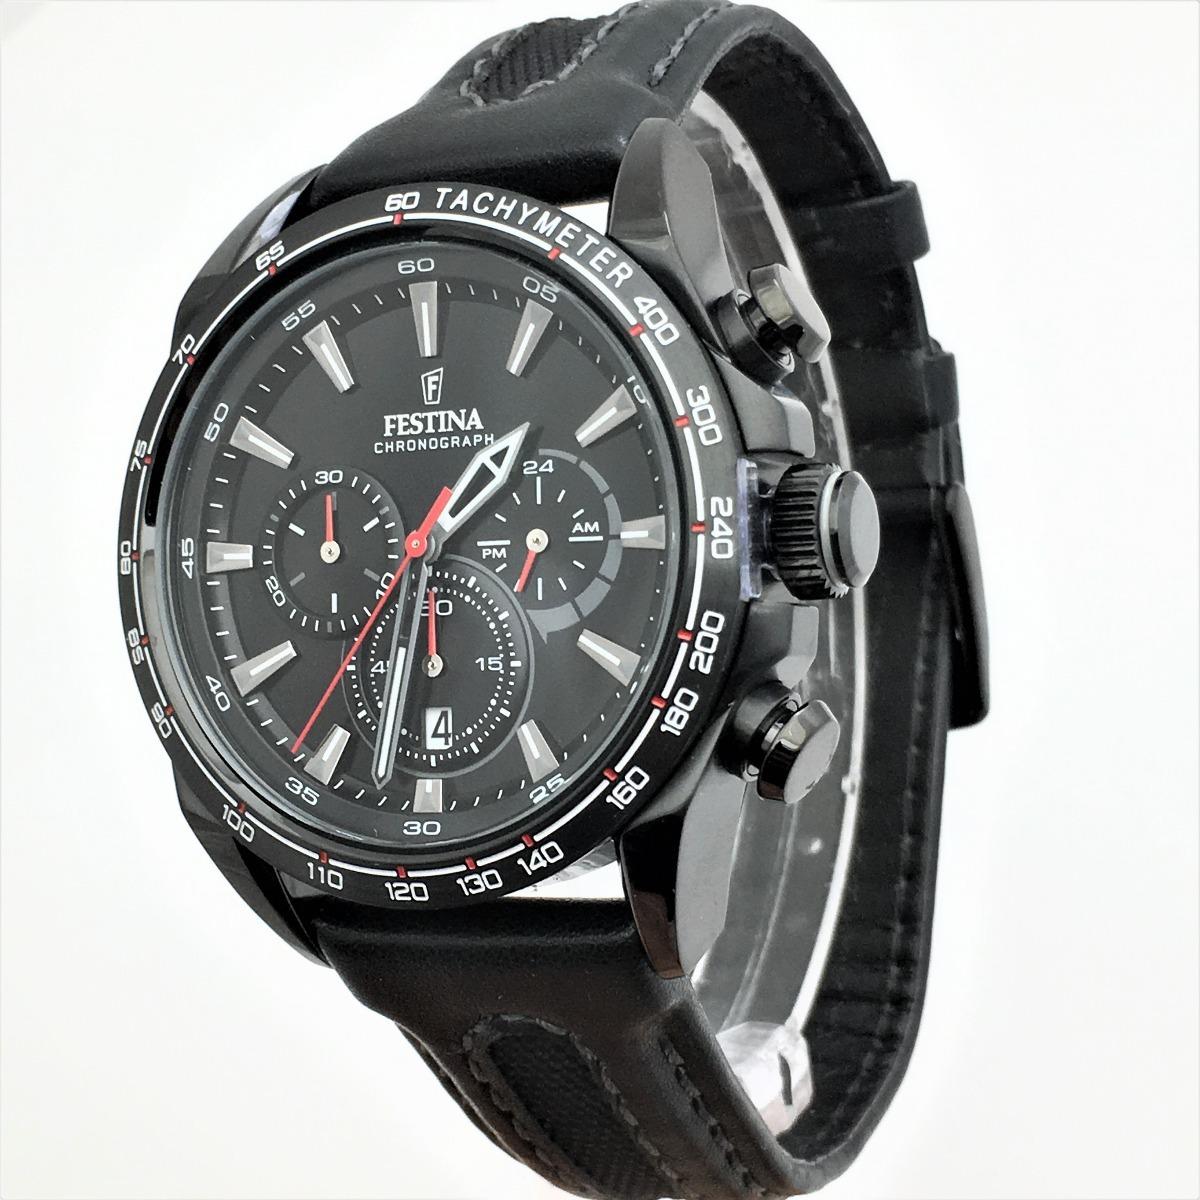 lo último 01740 2e938 Reloj Festina Chrono F20351/3 Hombre   Original Envío Gratis